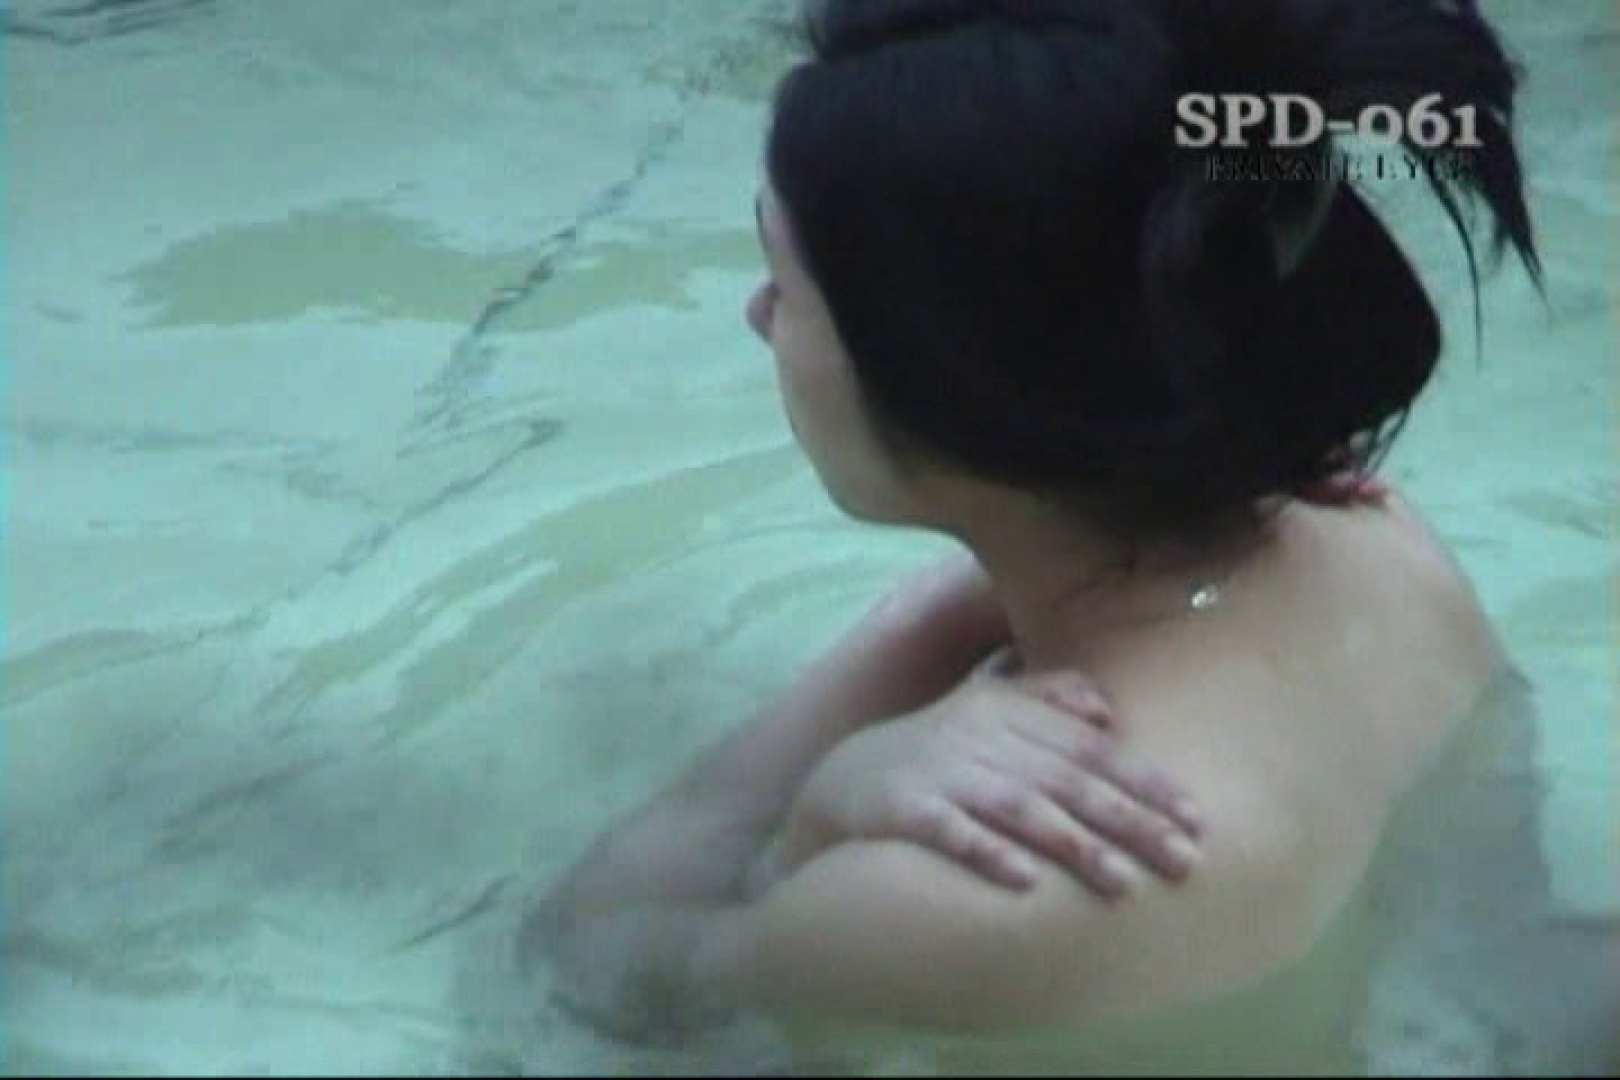 高画質版!SPD-061 新・露天浴場 8 人妻編 プライベート  87Pix 18